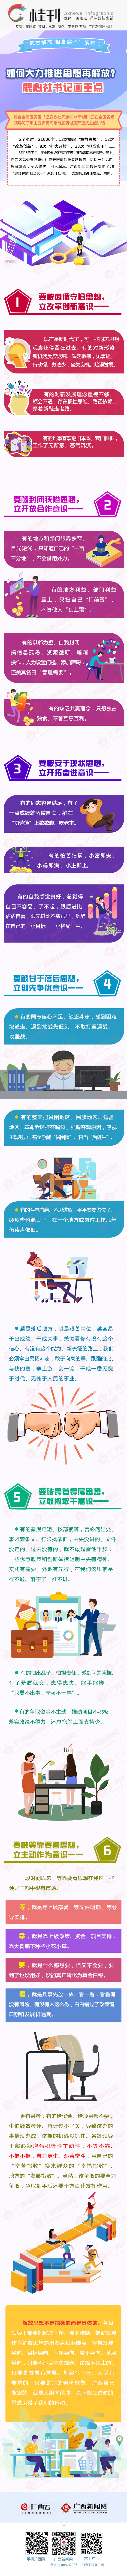 【桂刊】如何大力推进思想再解放?鹿心社书记画重点